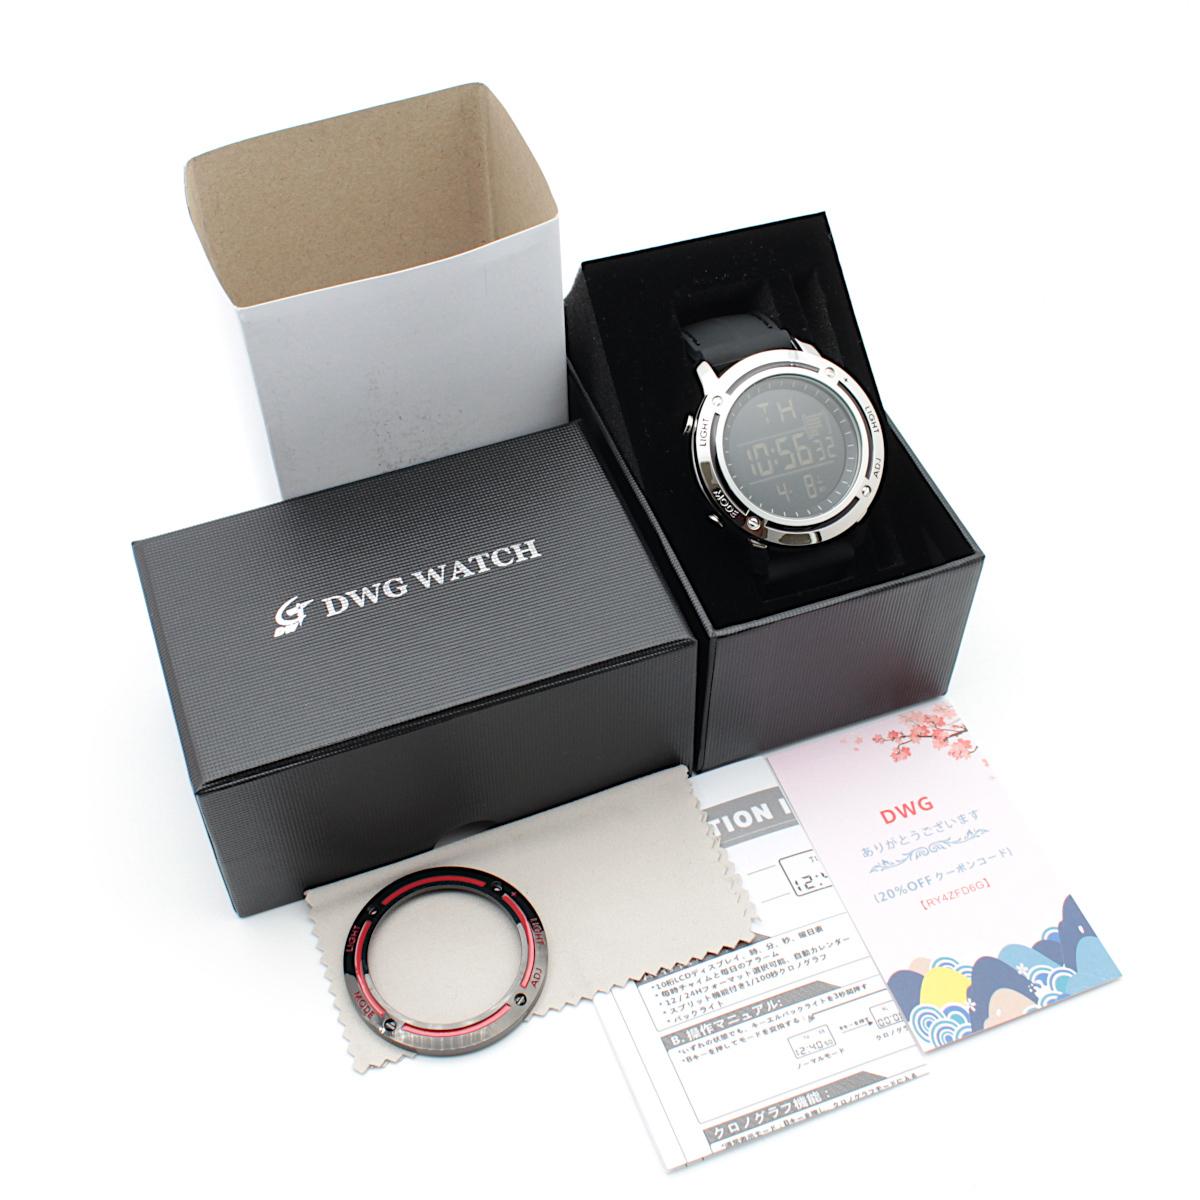 【1円開始】画面がでかくて見やすい!! 目に優しい腕時計! 今の腕時計が小さすぎて不満がある方必見!DWG WATCH メンズ 腕時計 / N0660_画像5